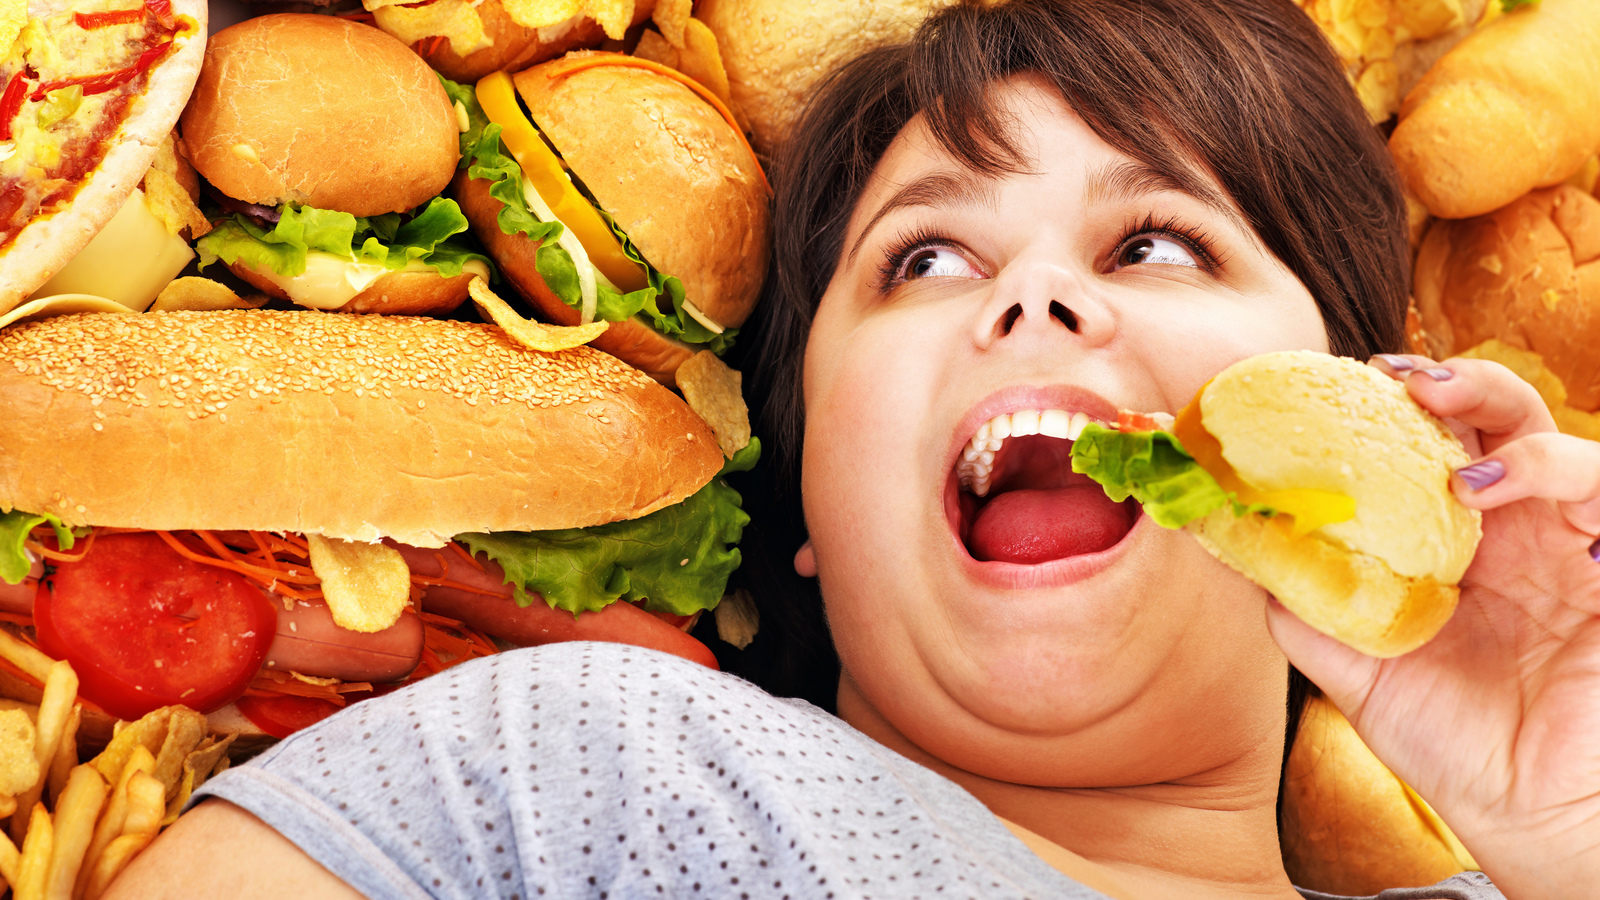 Неправильное питание, переедание